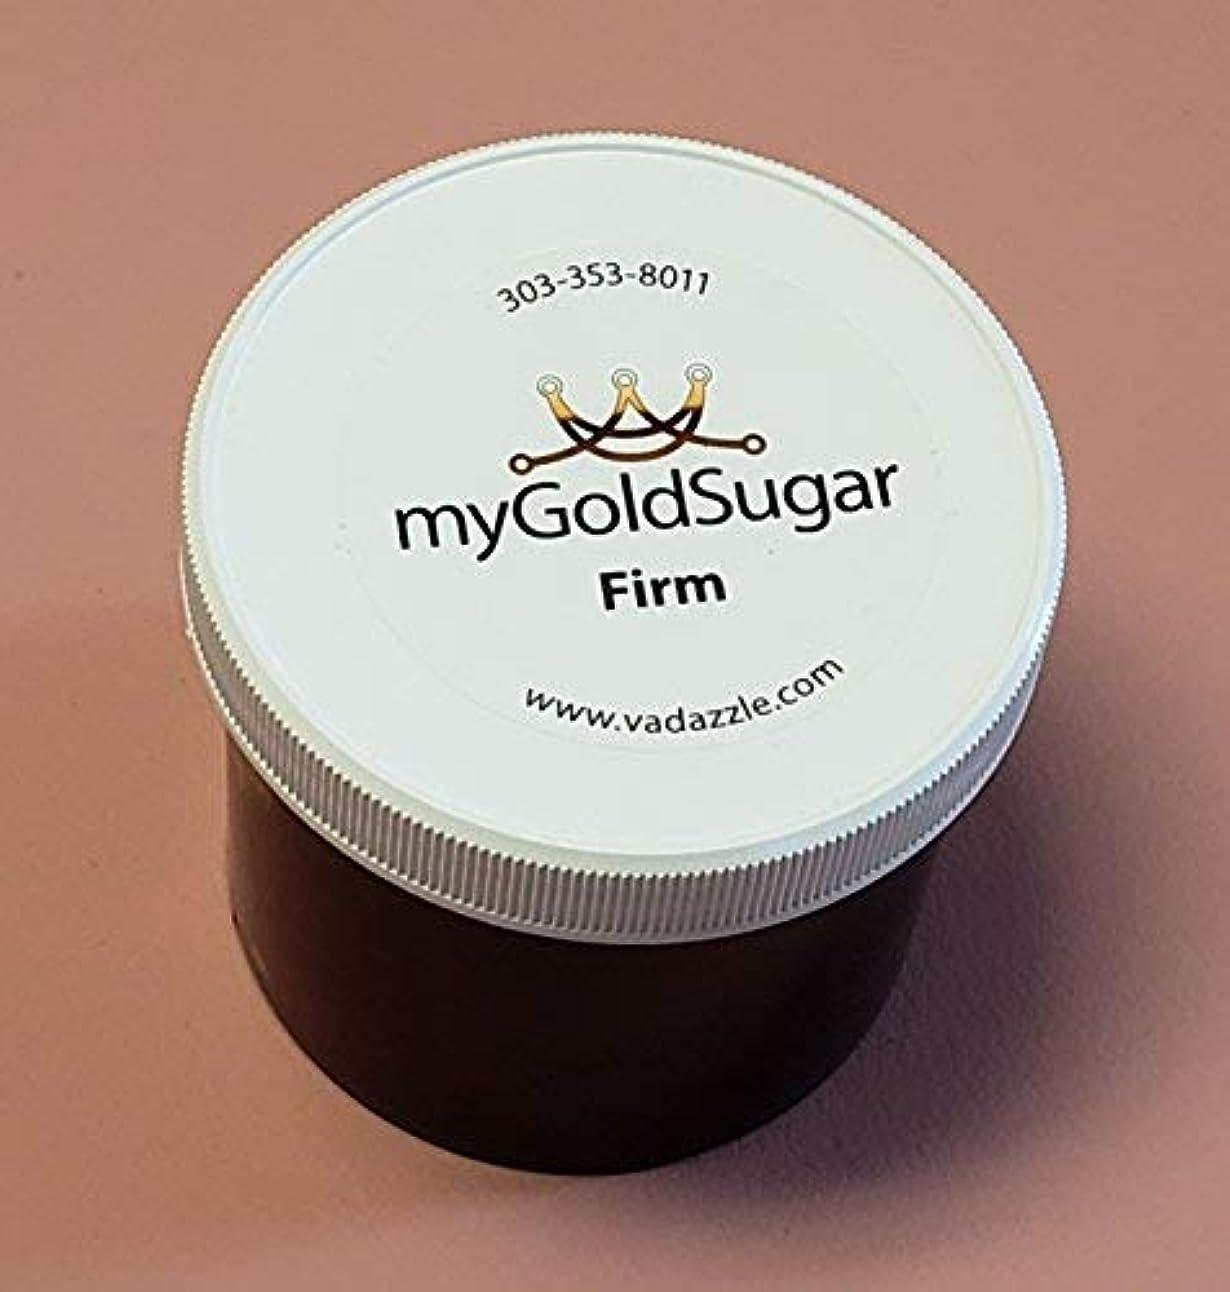 通路慣性オープニング16oz My Gold Sugar - Sugaring for Hair Removal (Firm) [並行輸入品]